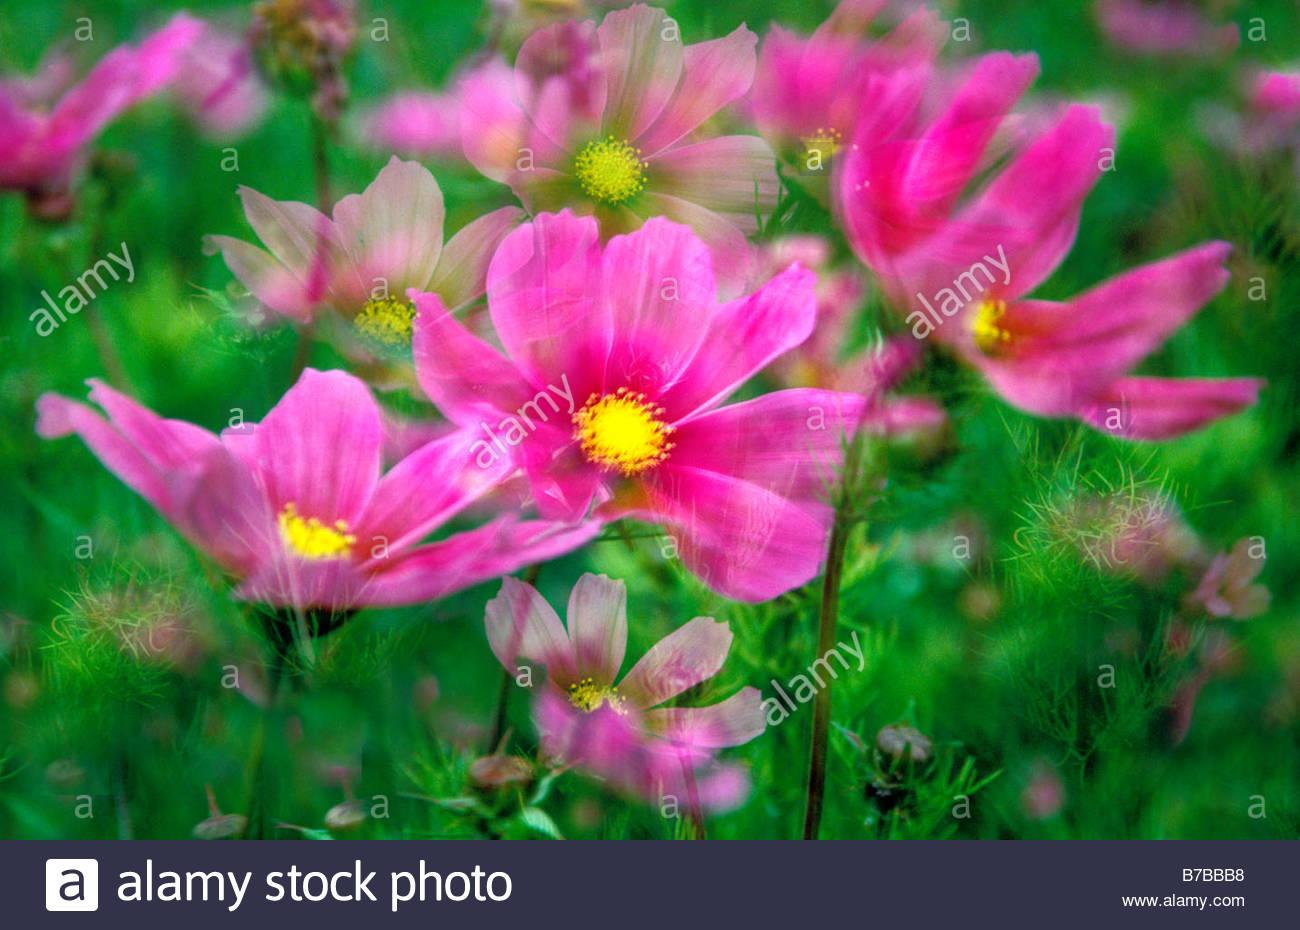 Cosmos Bipinnatus Multi-Exposure Stockfoto